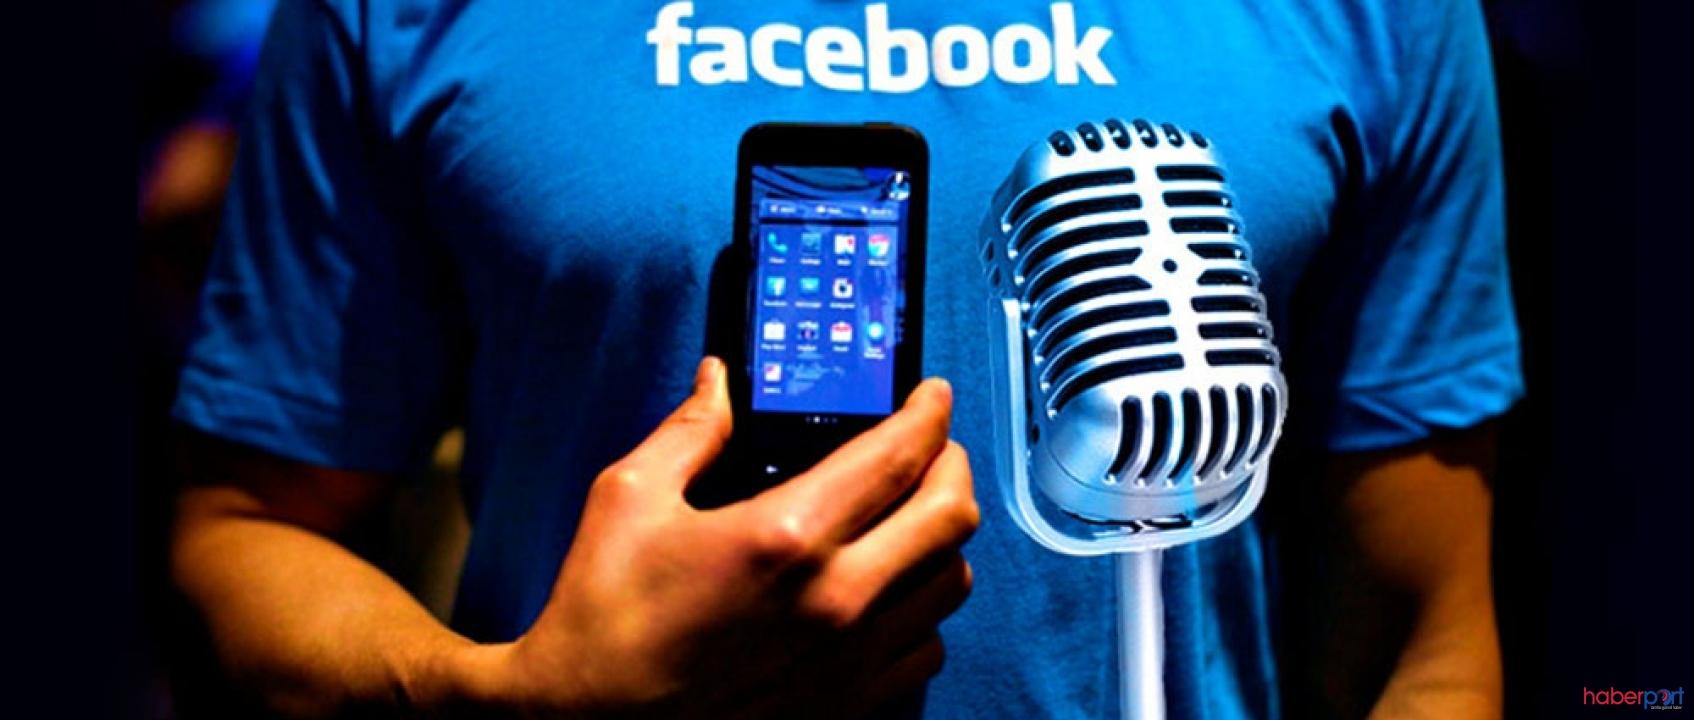 Facebook, ses kaydıyla arkadaşının isimlerini söyleyene para ödüyor